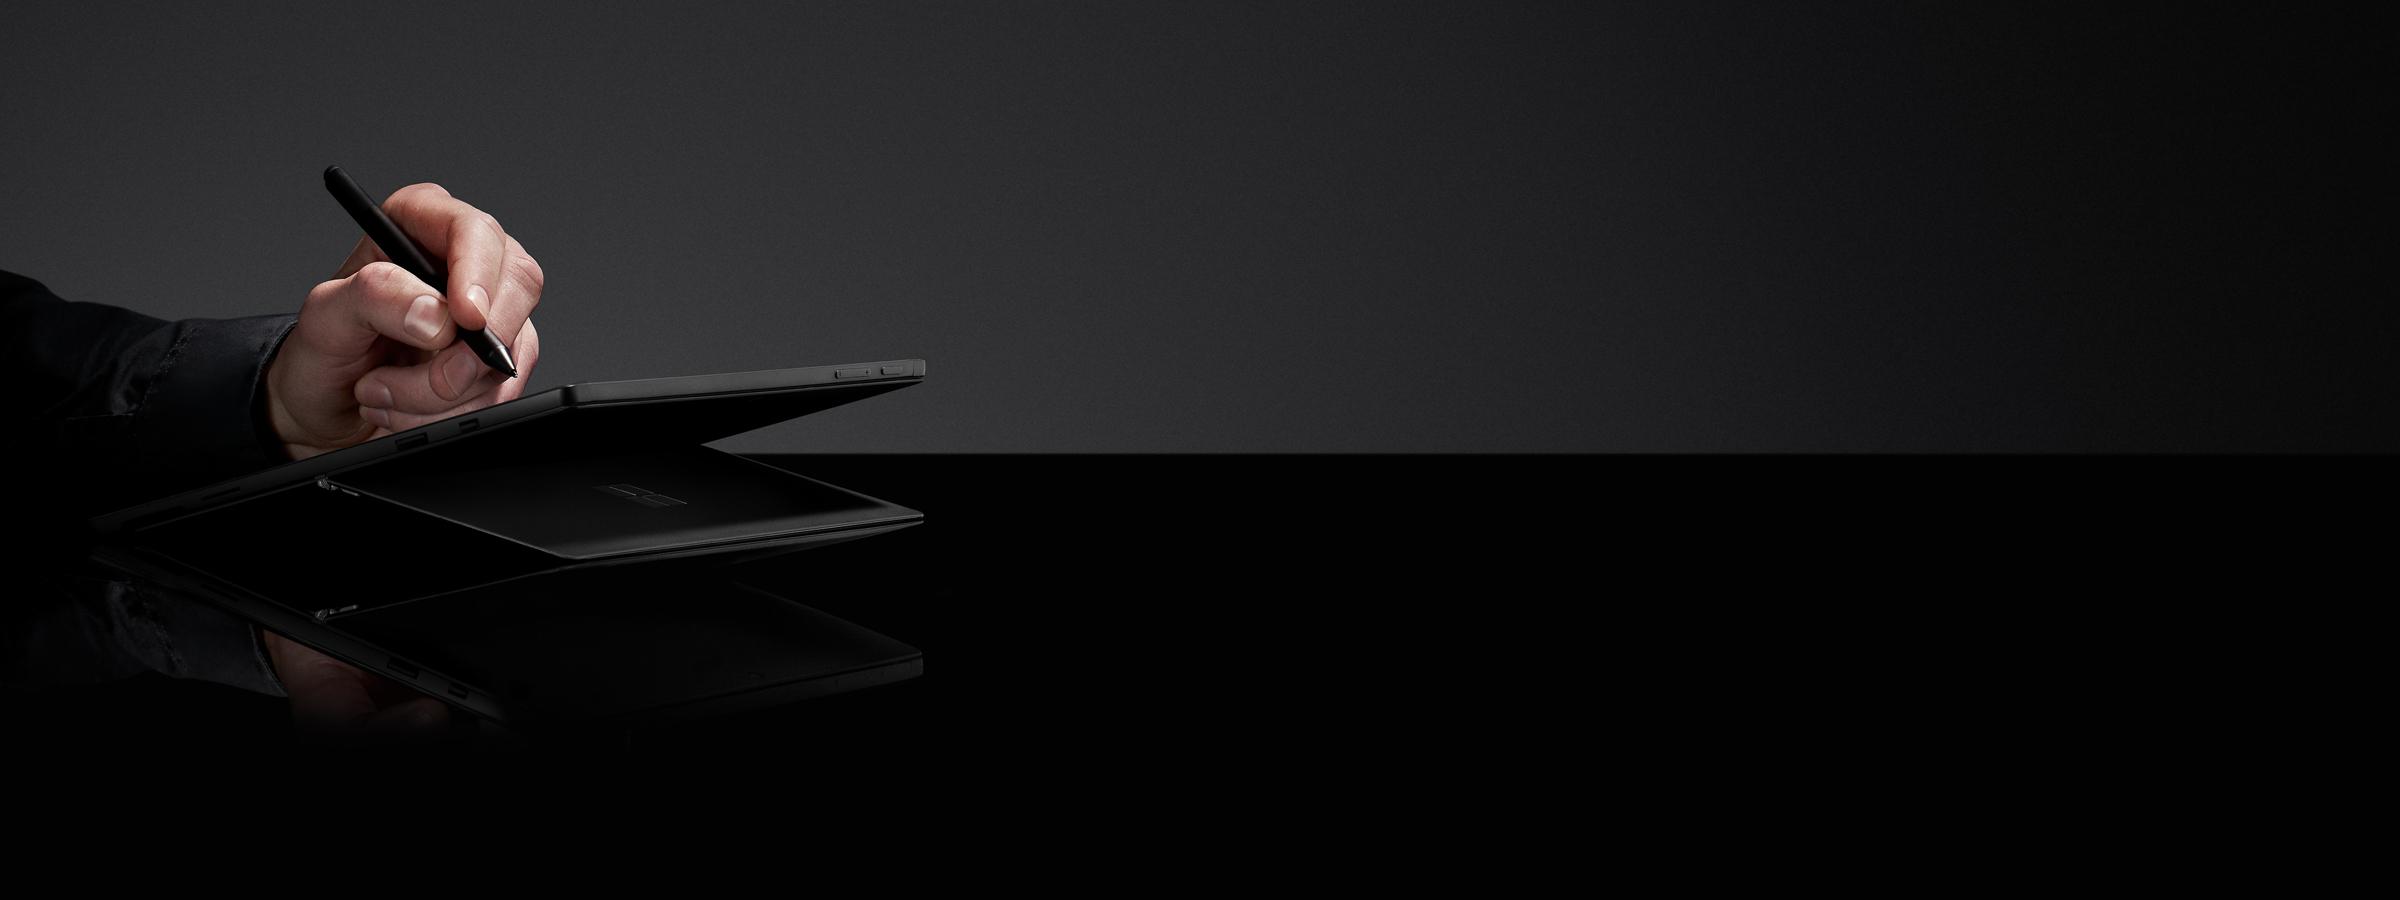 在黑色背景中,有個人在黑色 Surface Pro 6 上使用 Surface 手寫筆